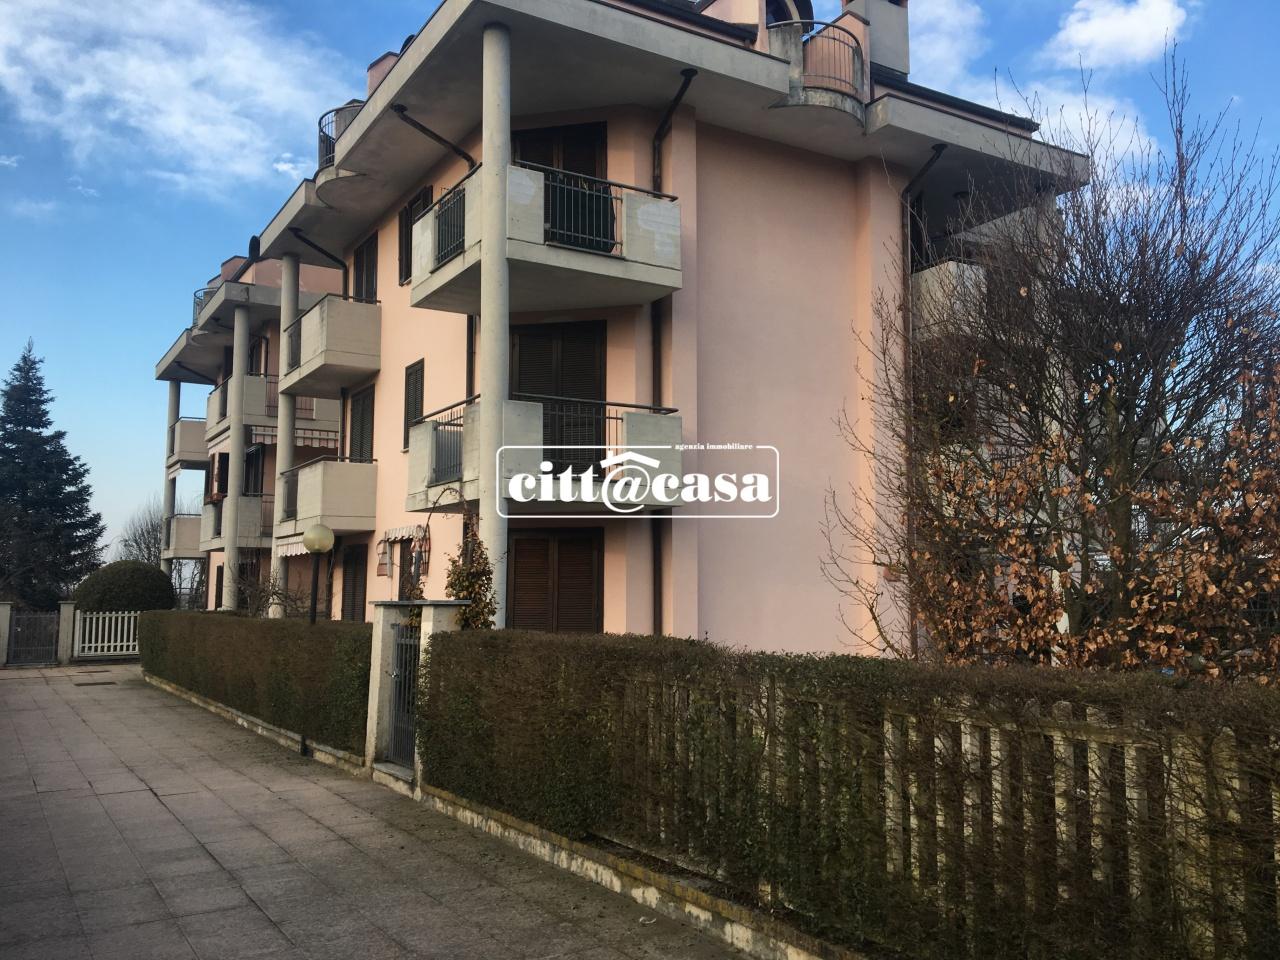 Appartamento in vendita Rif. 5910509